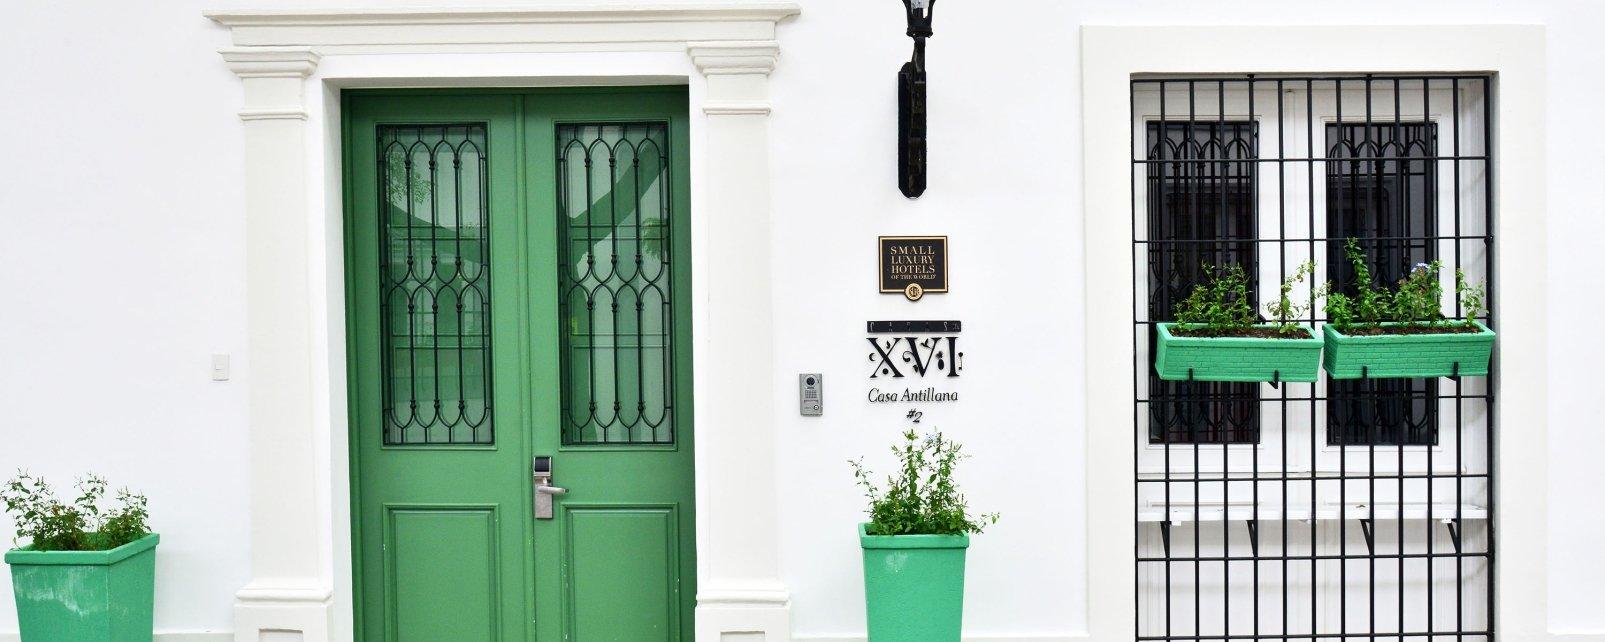 Hôtel Casas del XVI